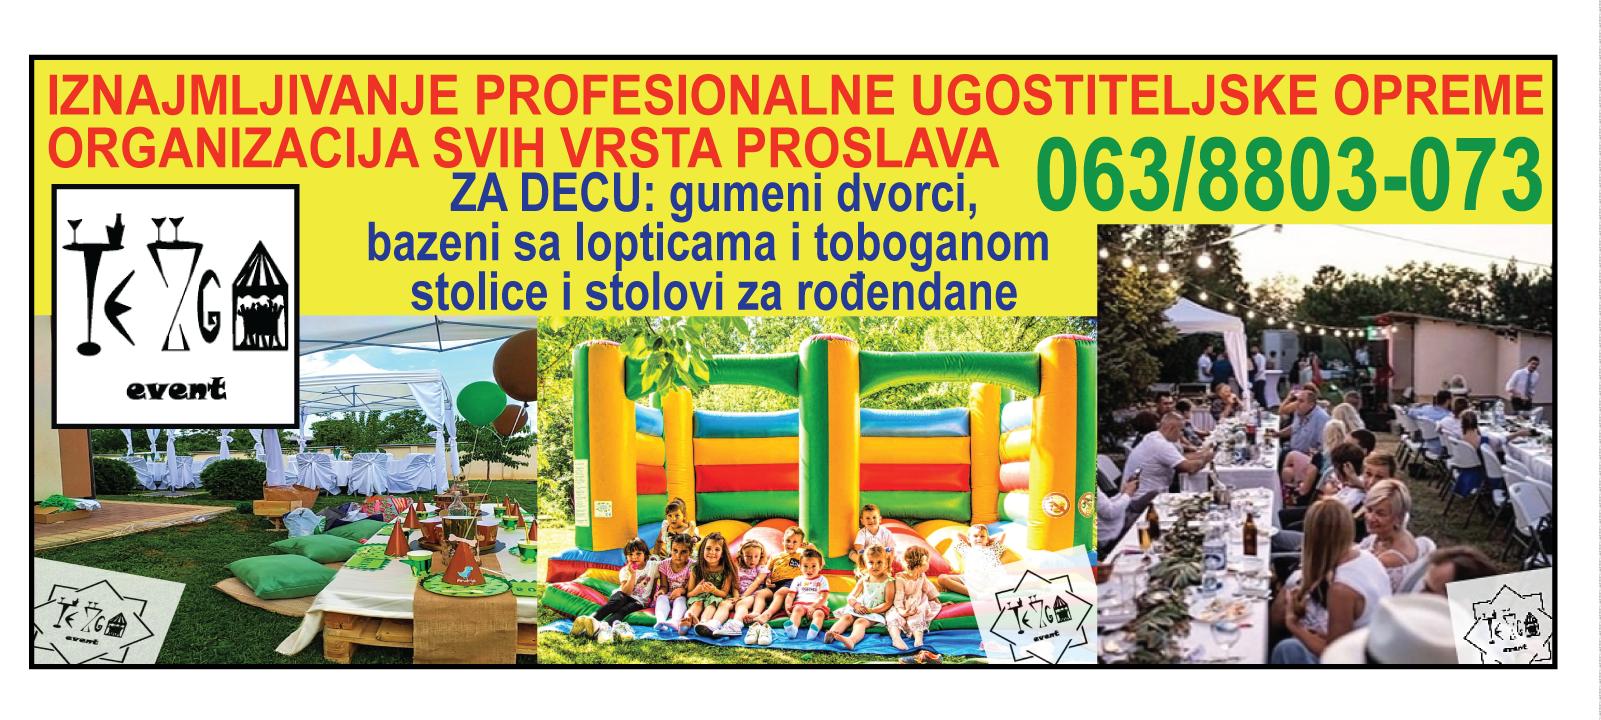 Tezgaevent-jobrenovac-proslave-veselja-satori-stolovi-dvorci-opremavencanja-krstenja-decijirodjendani-iznajmljivanje-mojabaza